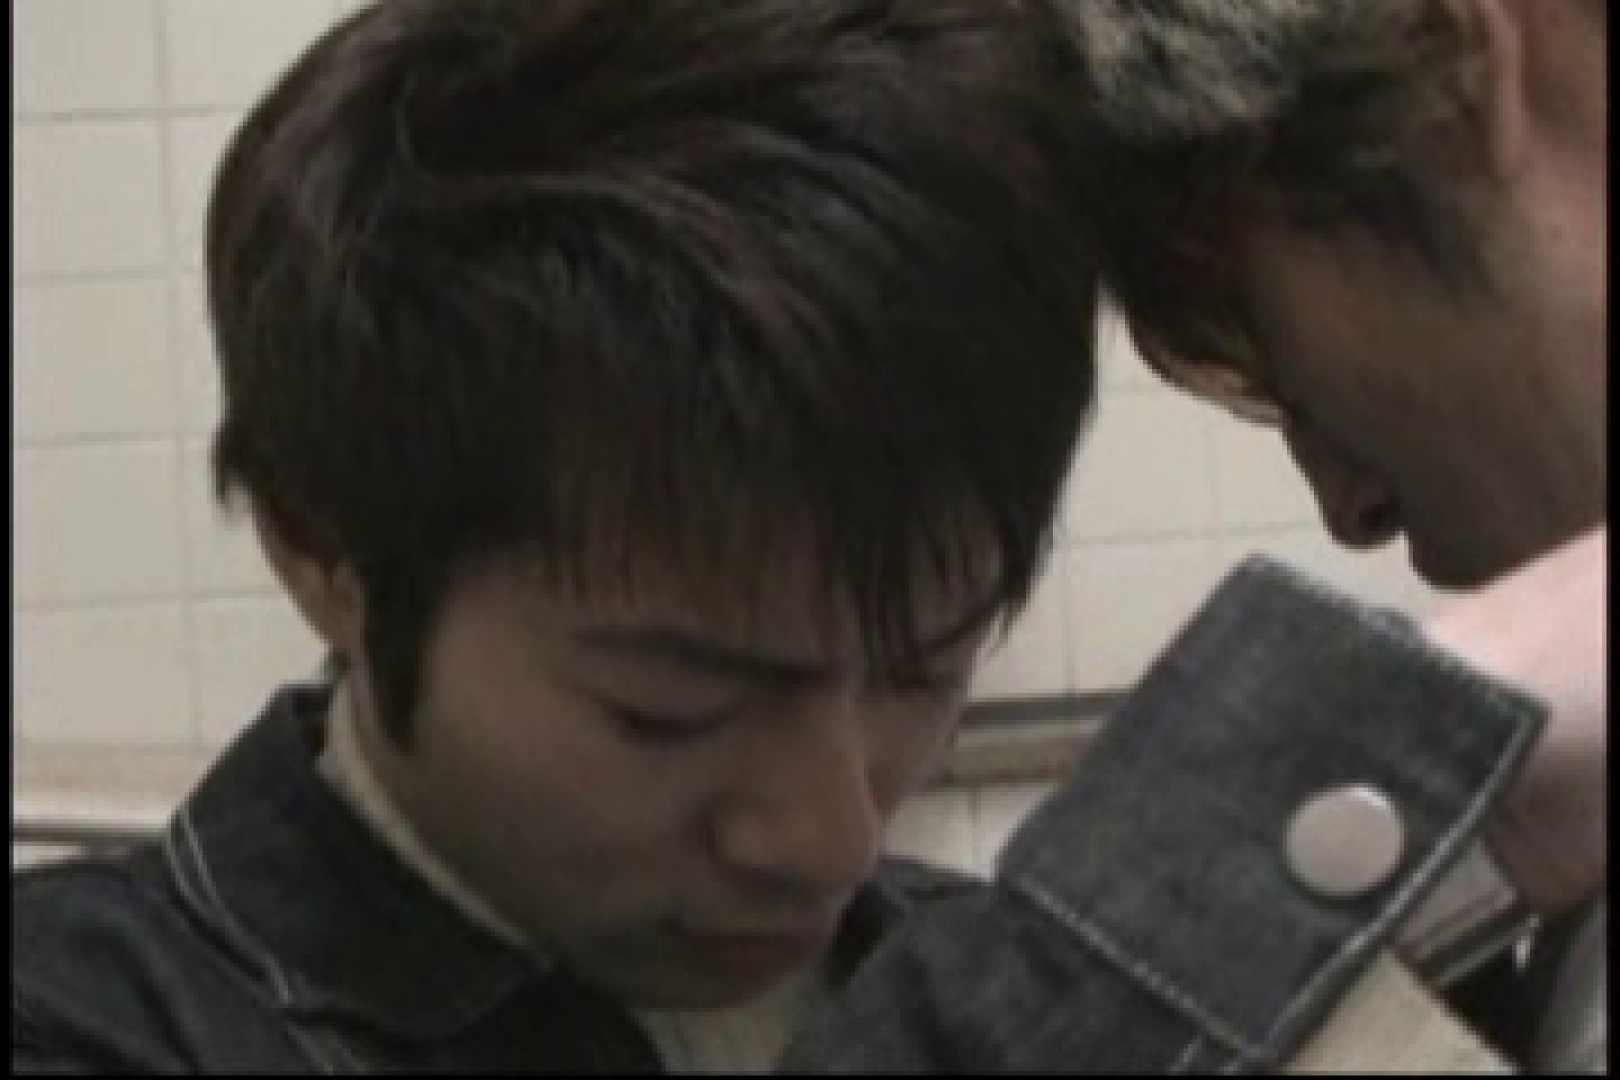 ガテン系男盛り!vol.01 フェラシーン | 男の世界  73画像 7